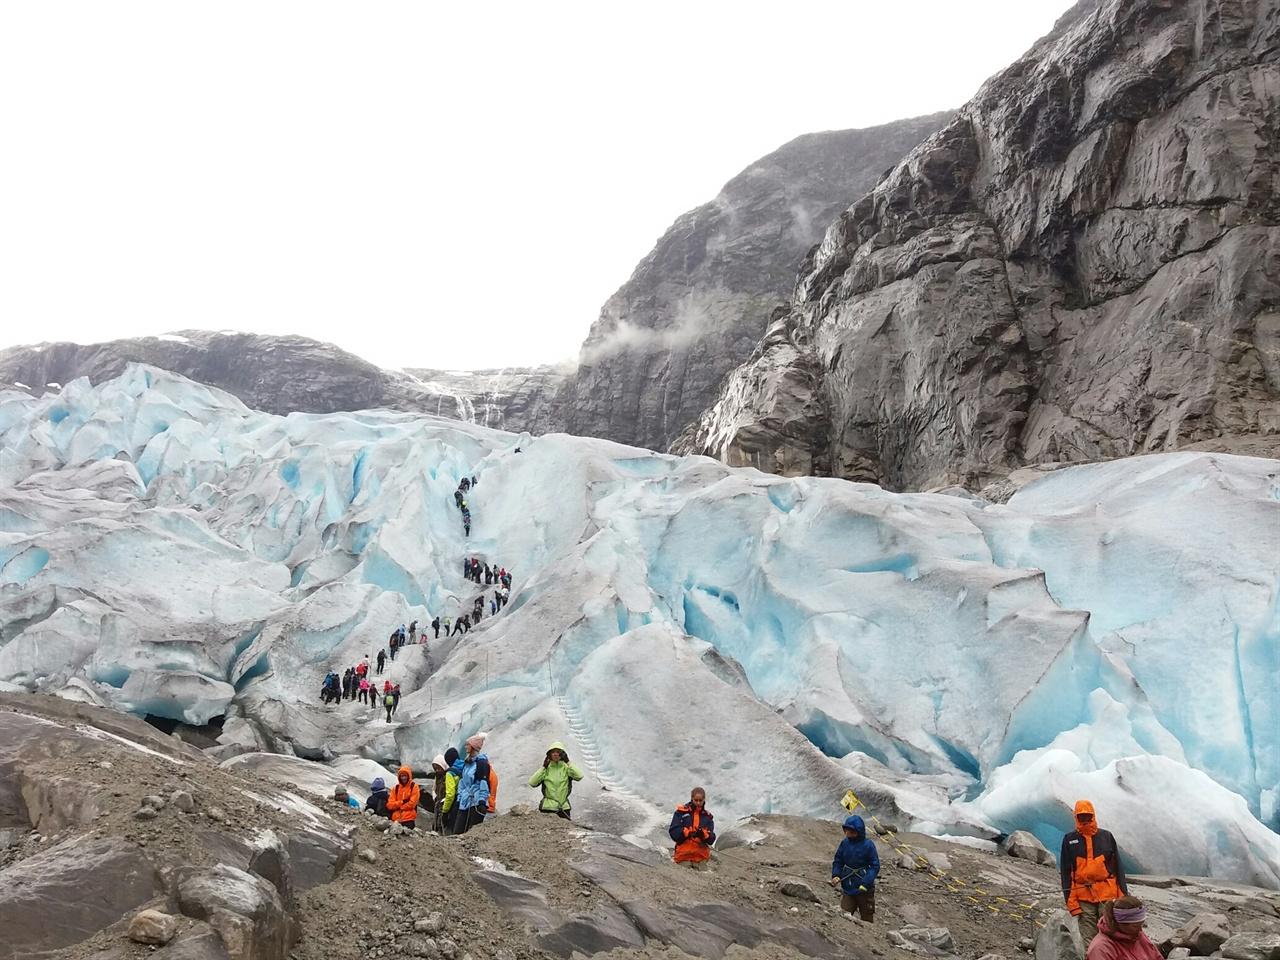 노르웨이 빙하 빙하 오르기